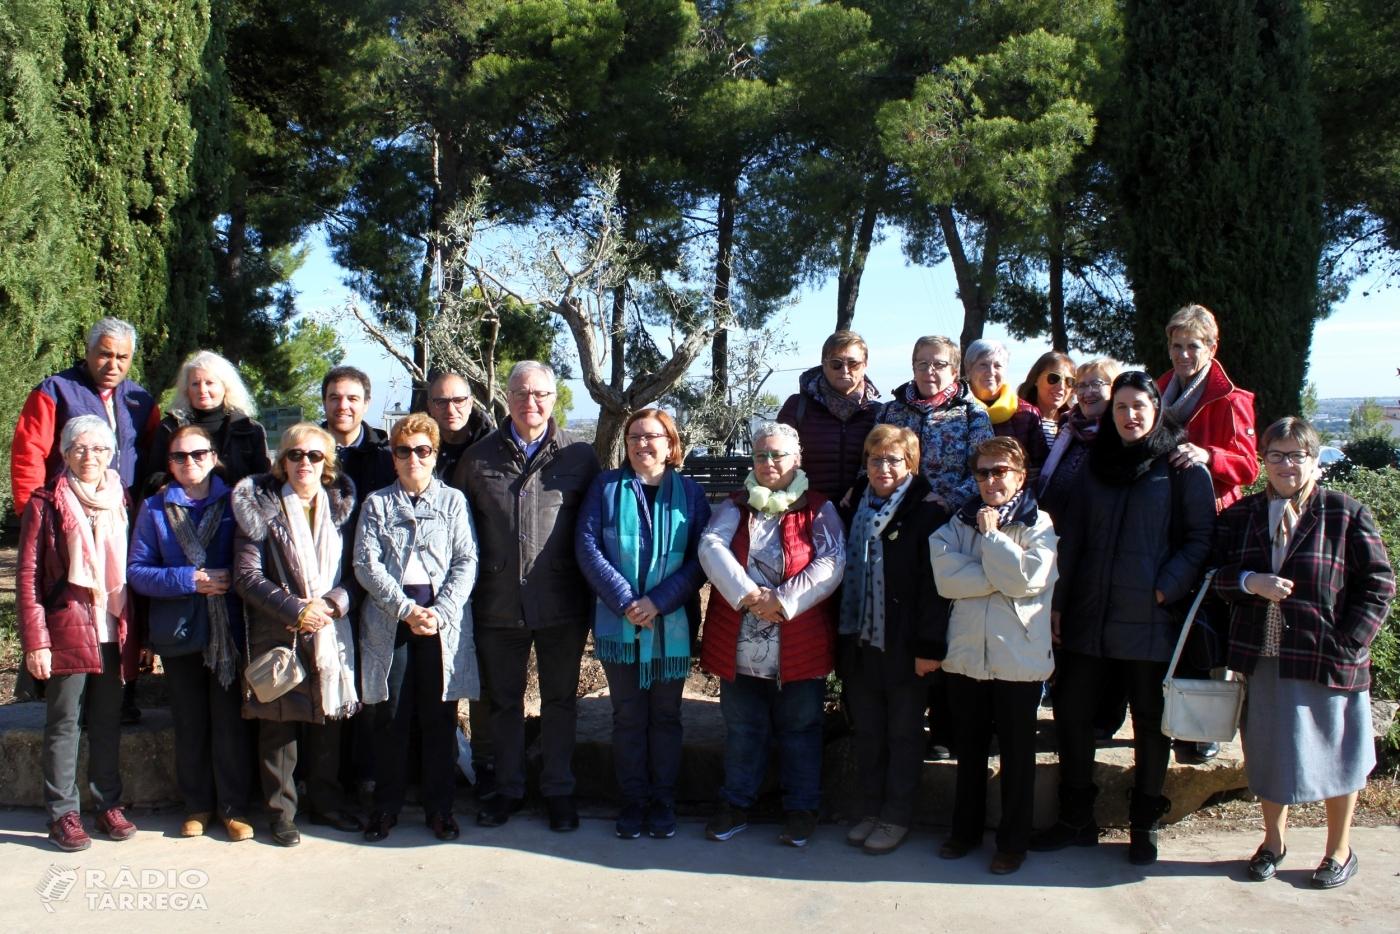 Les Dones Arrel de Tàrrega commemoren el seu 25è aniversari amb la plantada d'una olivera al Parc de Sant Eloi